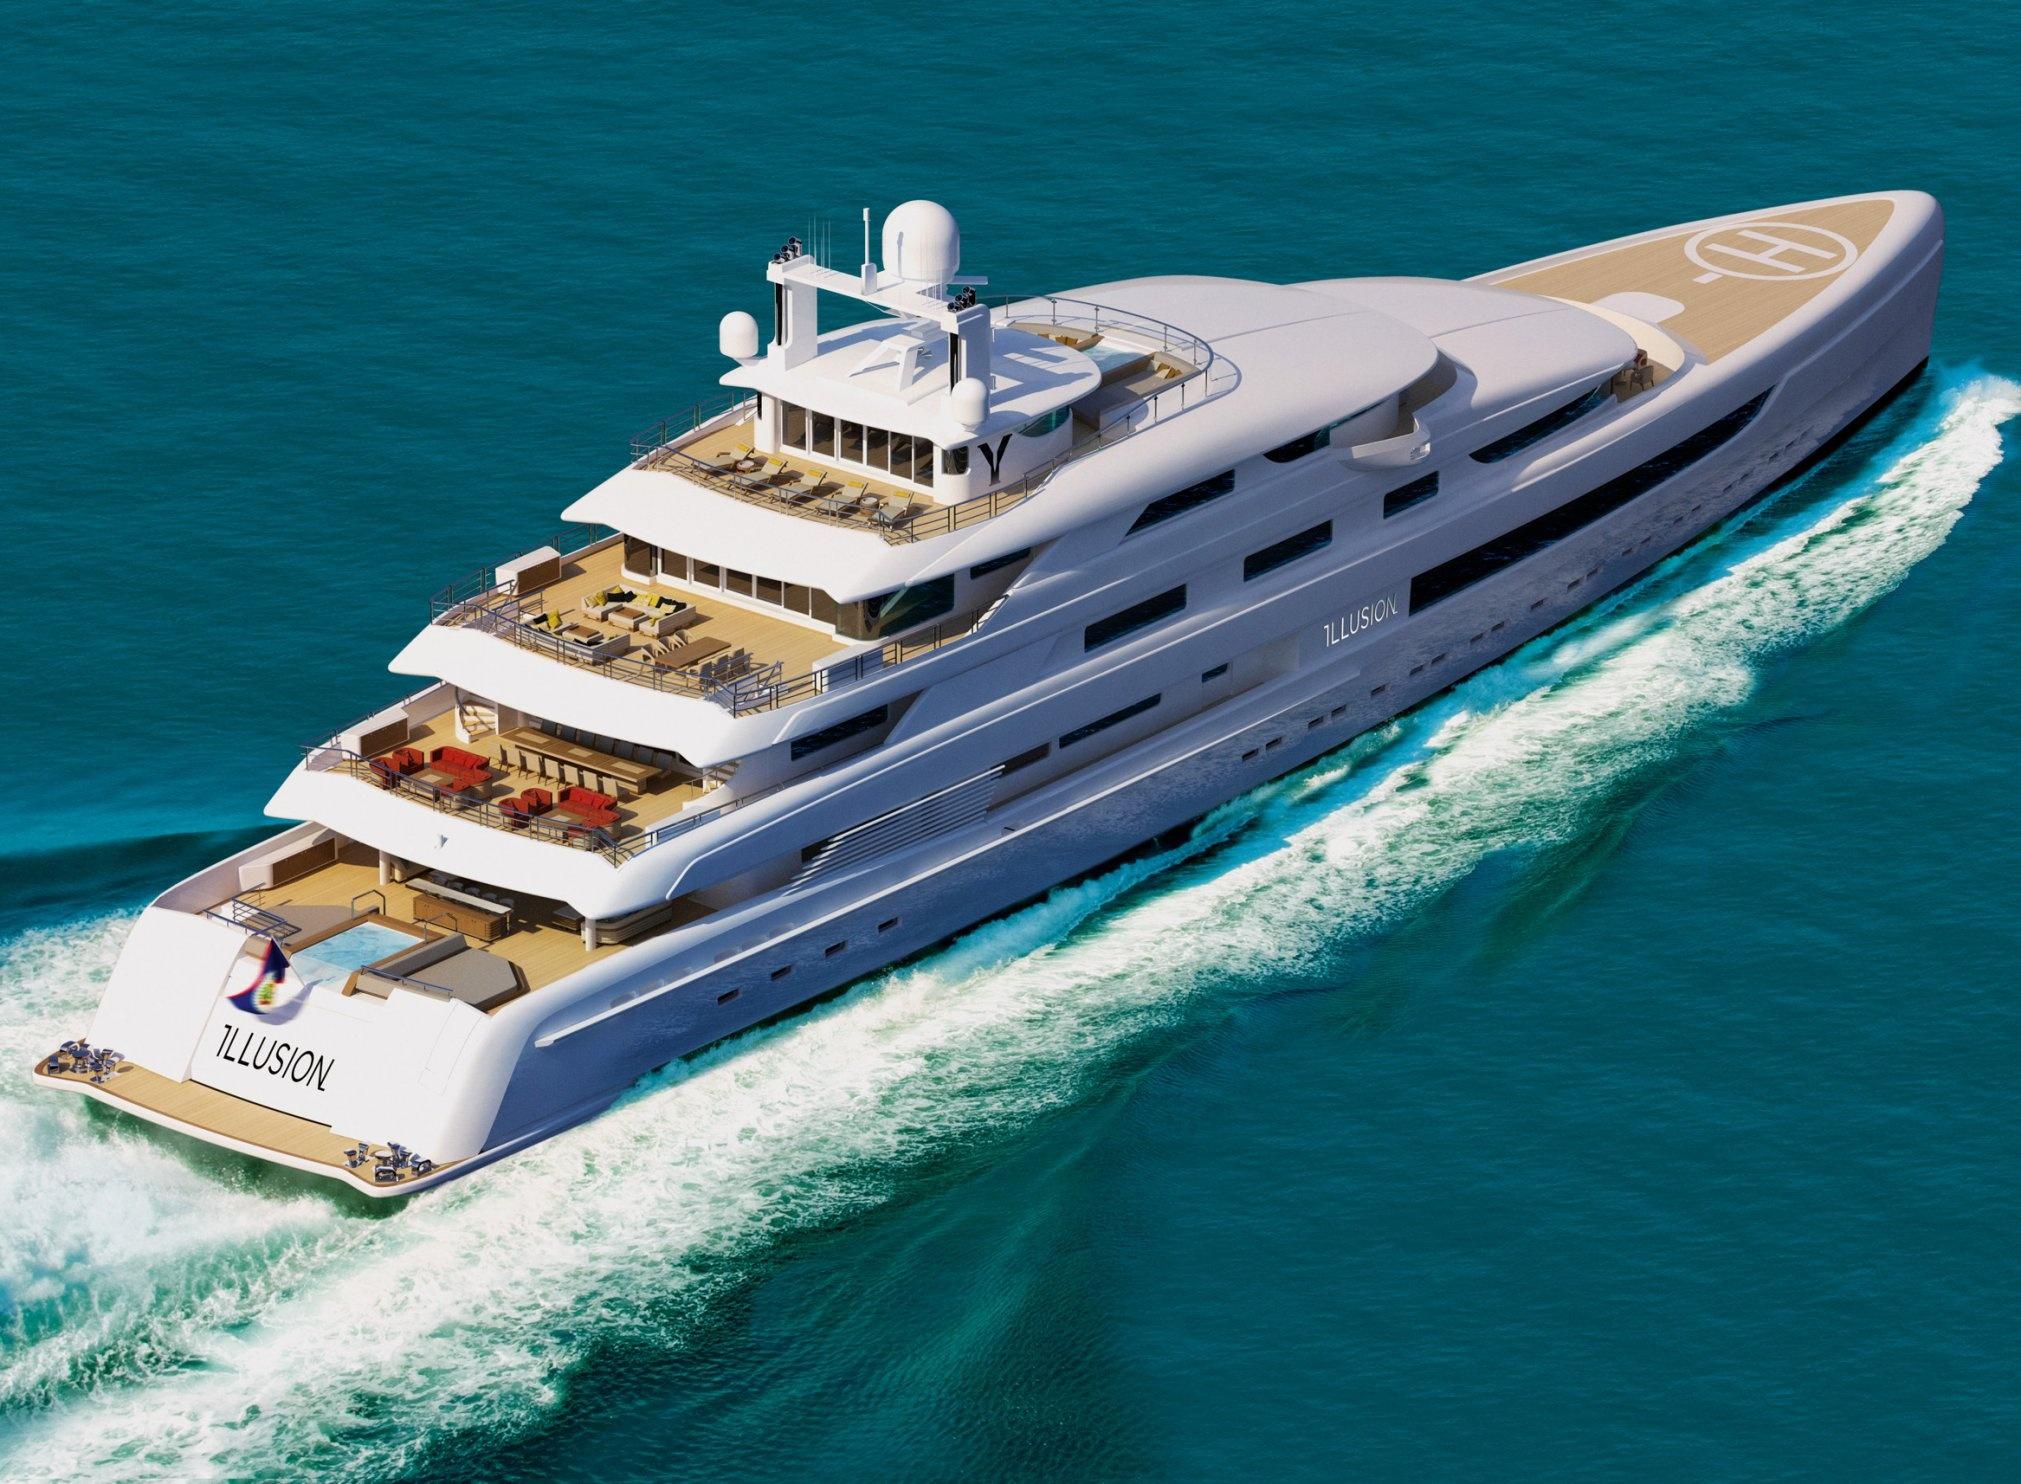 Superyacht Concept Estatement Project Illusion